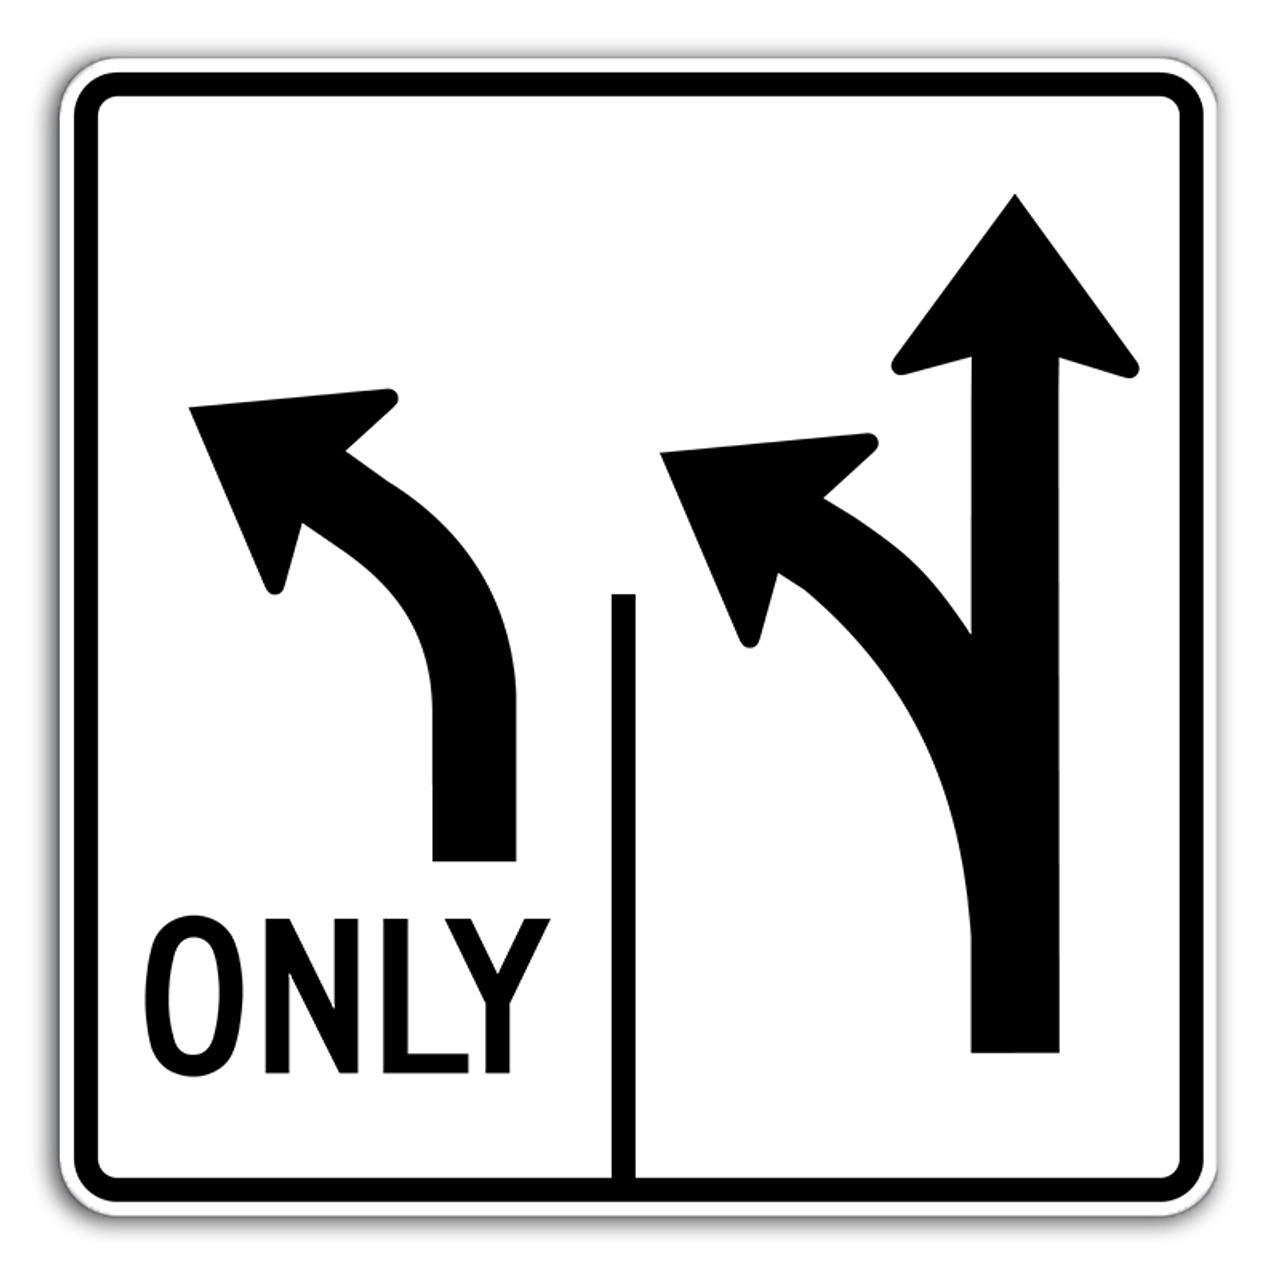 R3 2 Sign >> R3 8llt Left Only Left Thru Sign